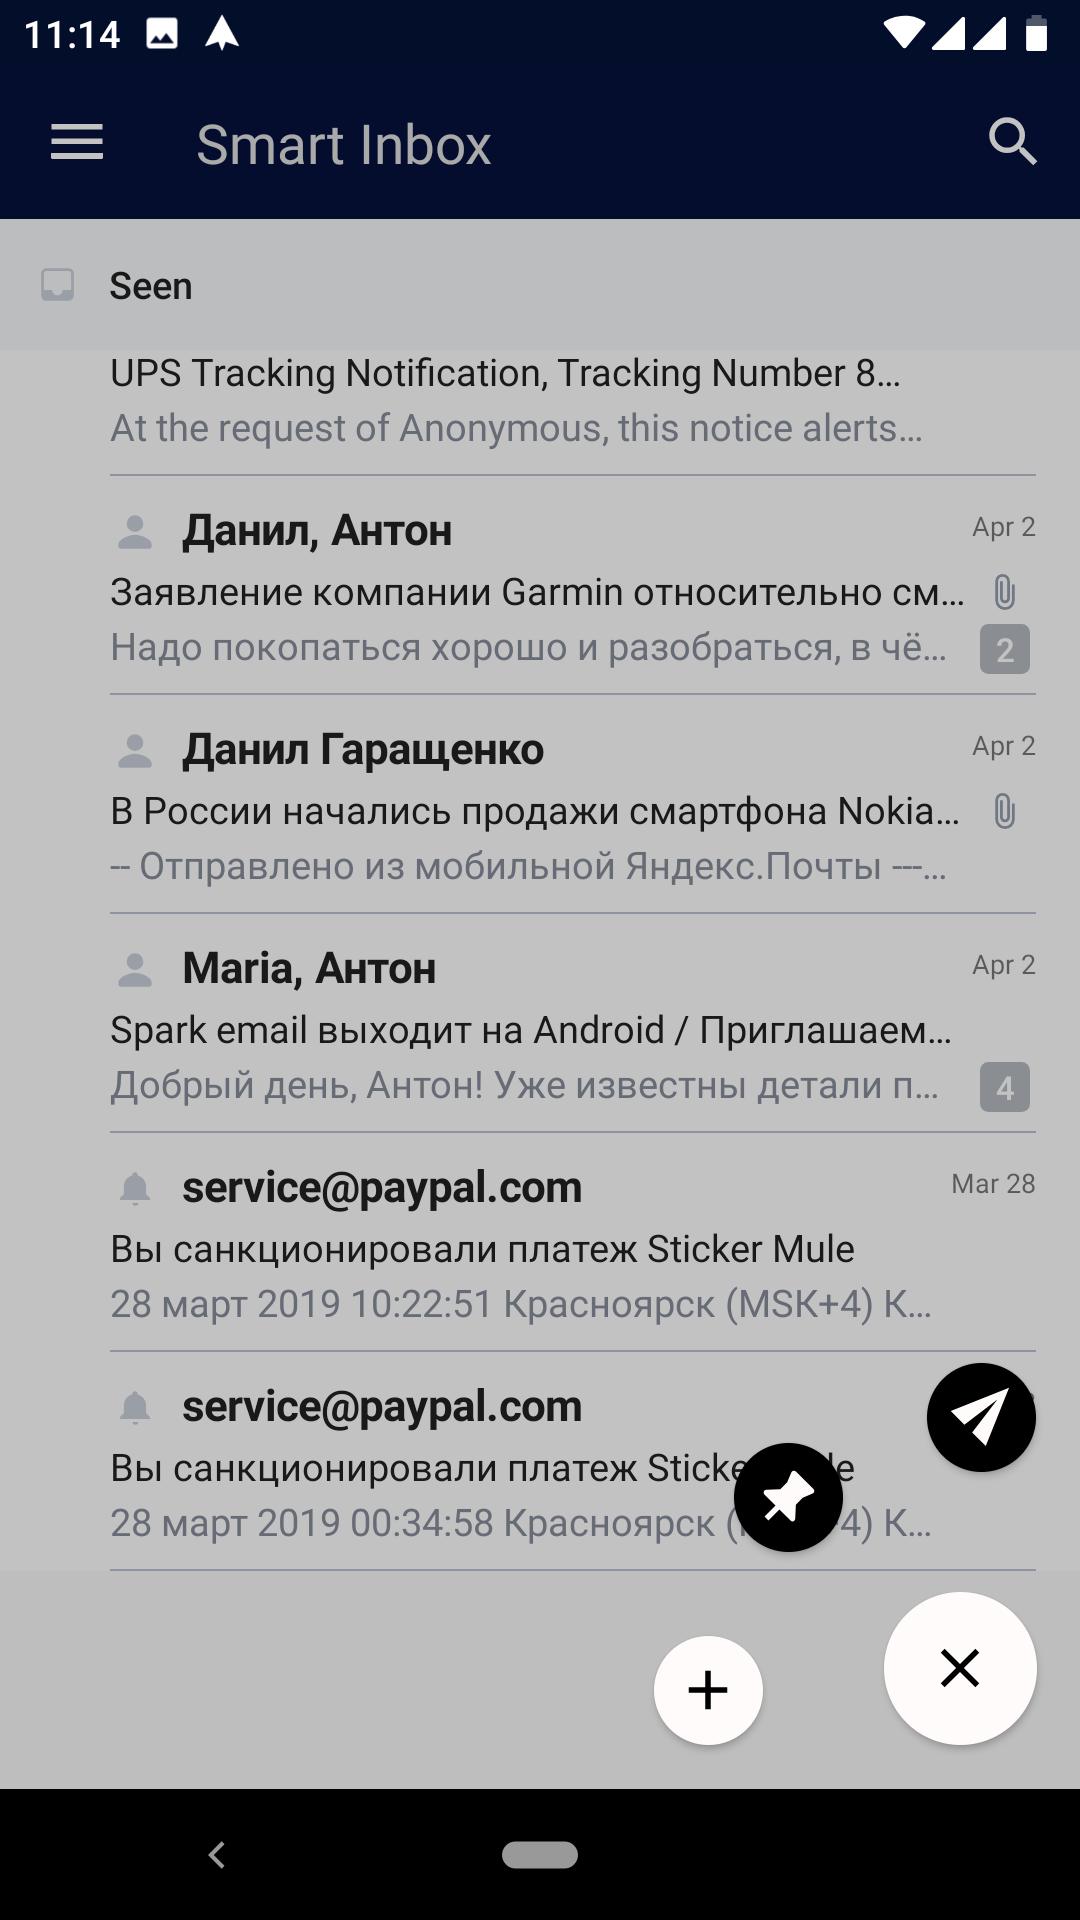 Spark для Android: достойная замена Google Inbox?7